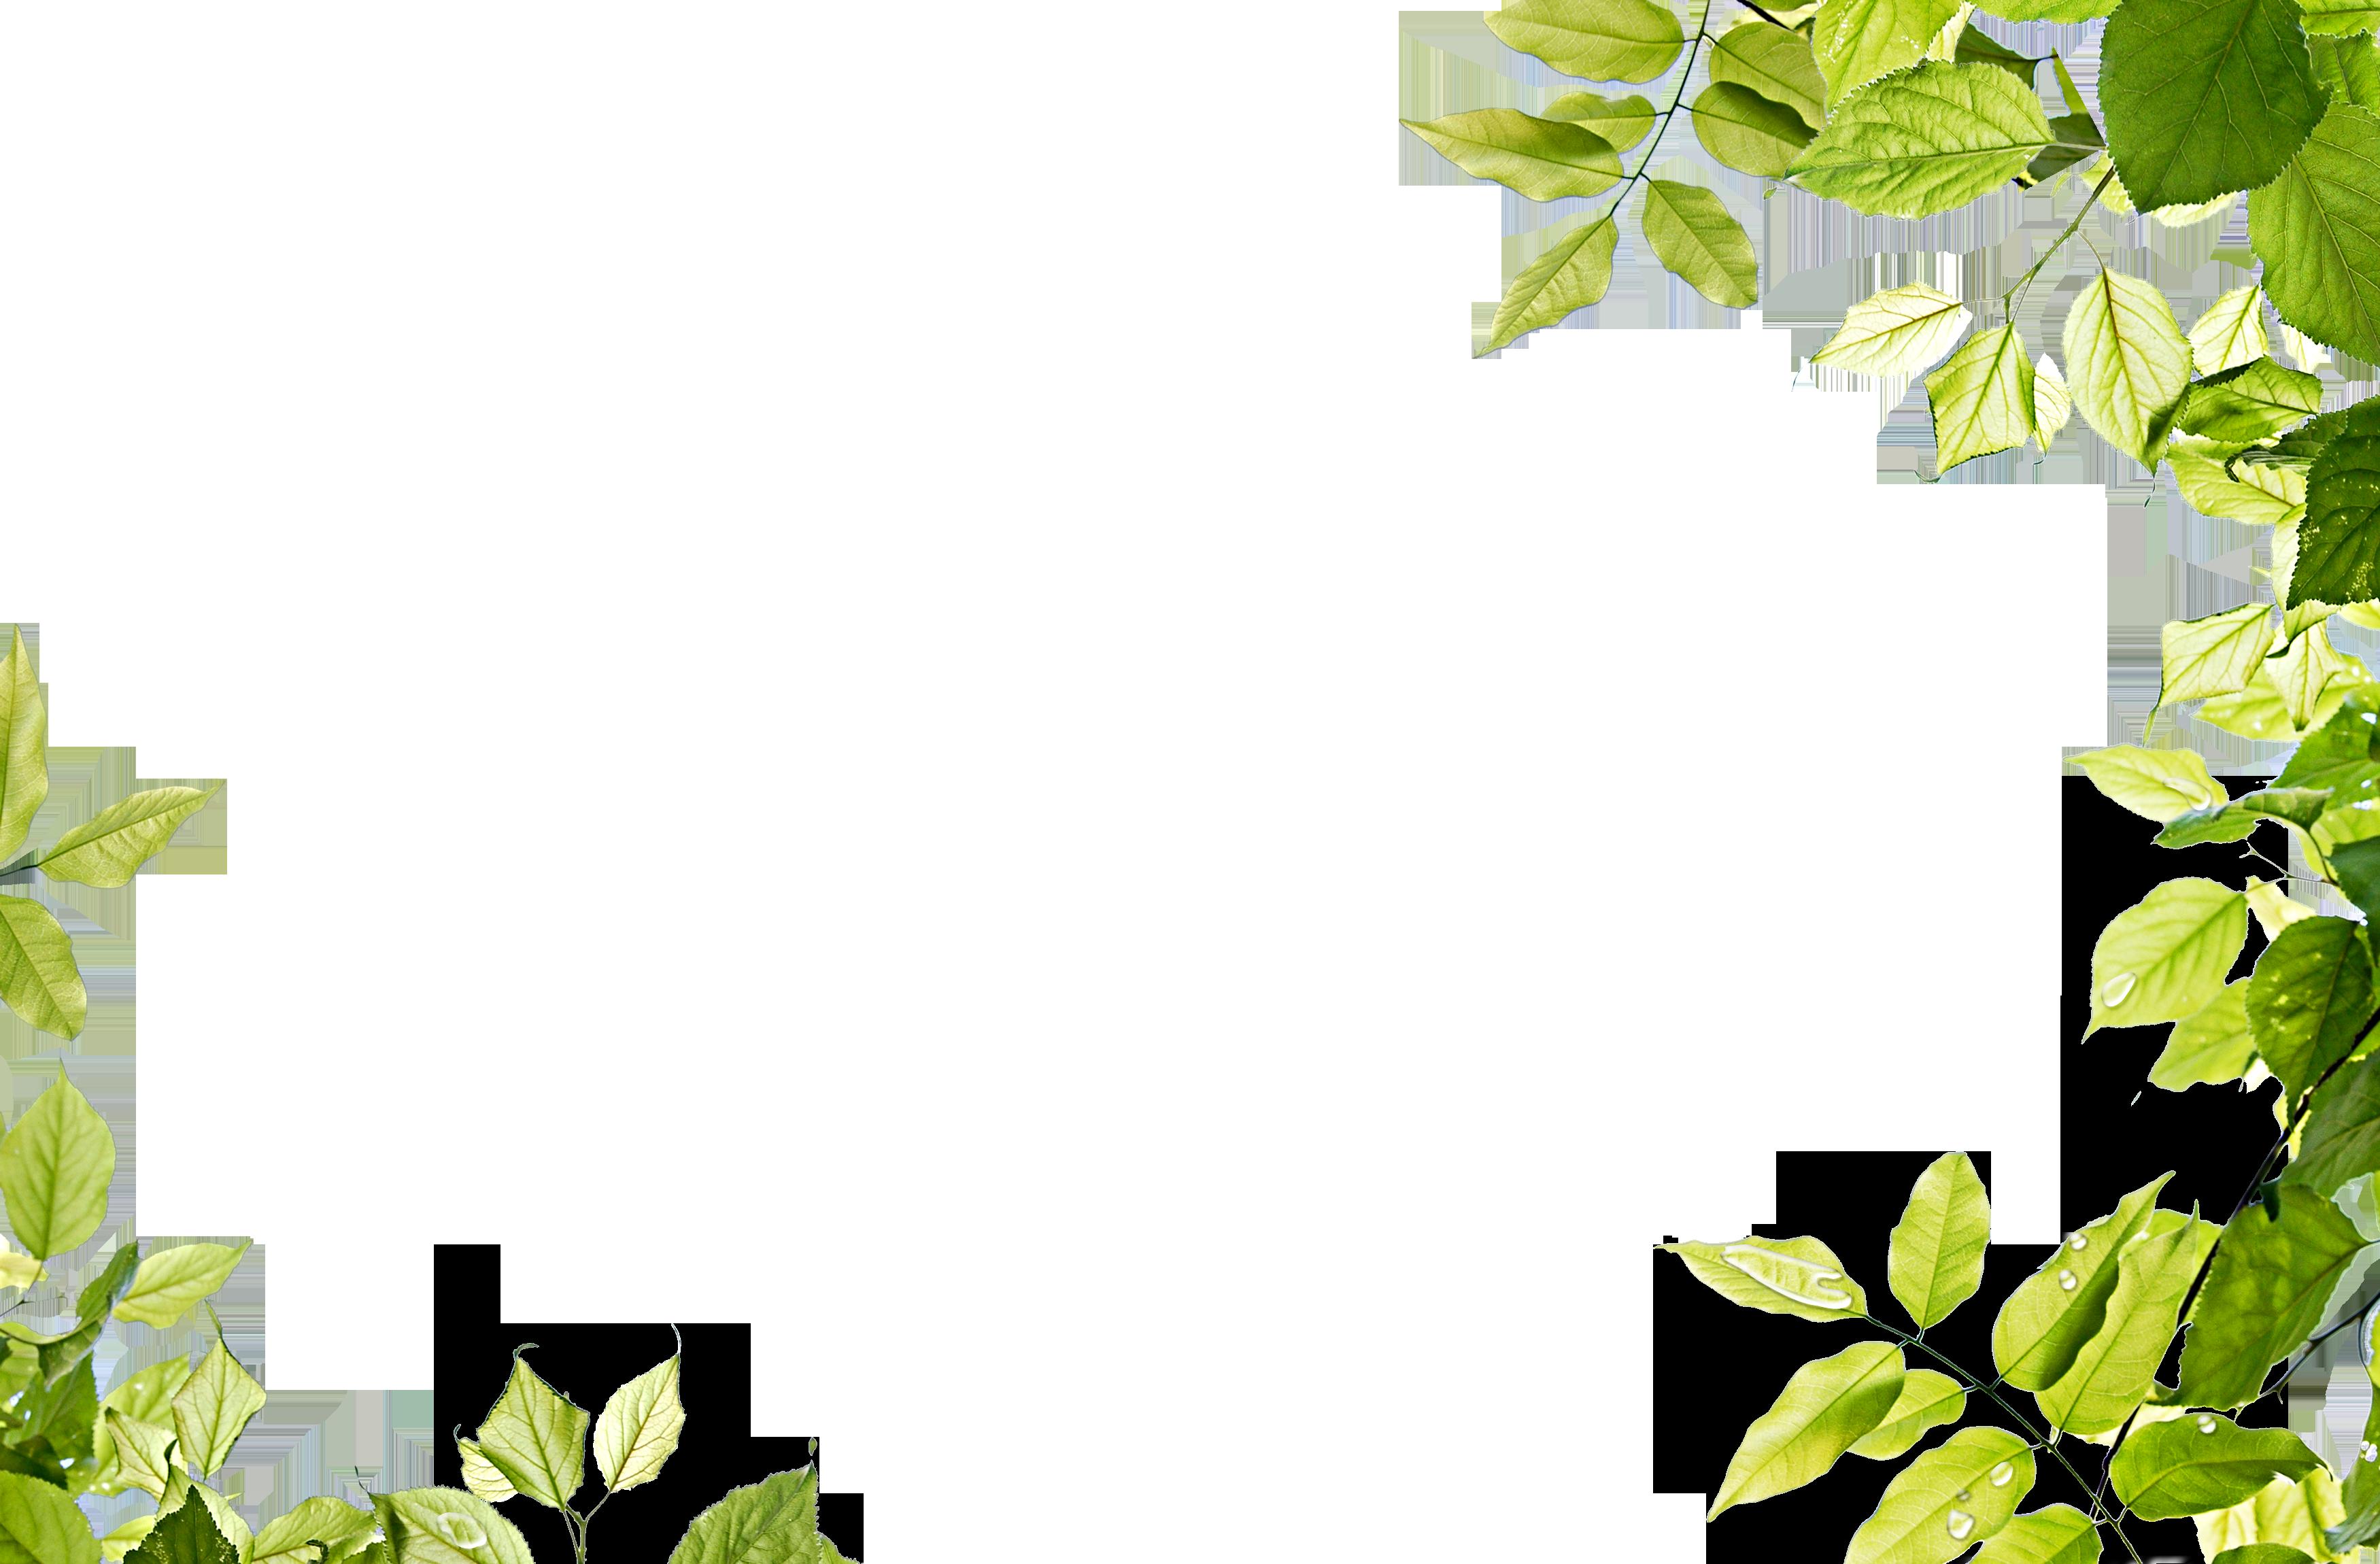 Green Background PNG Transparent Image SVG Clip arts